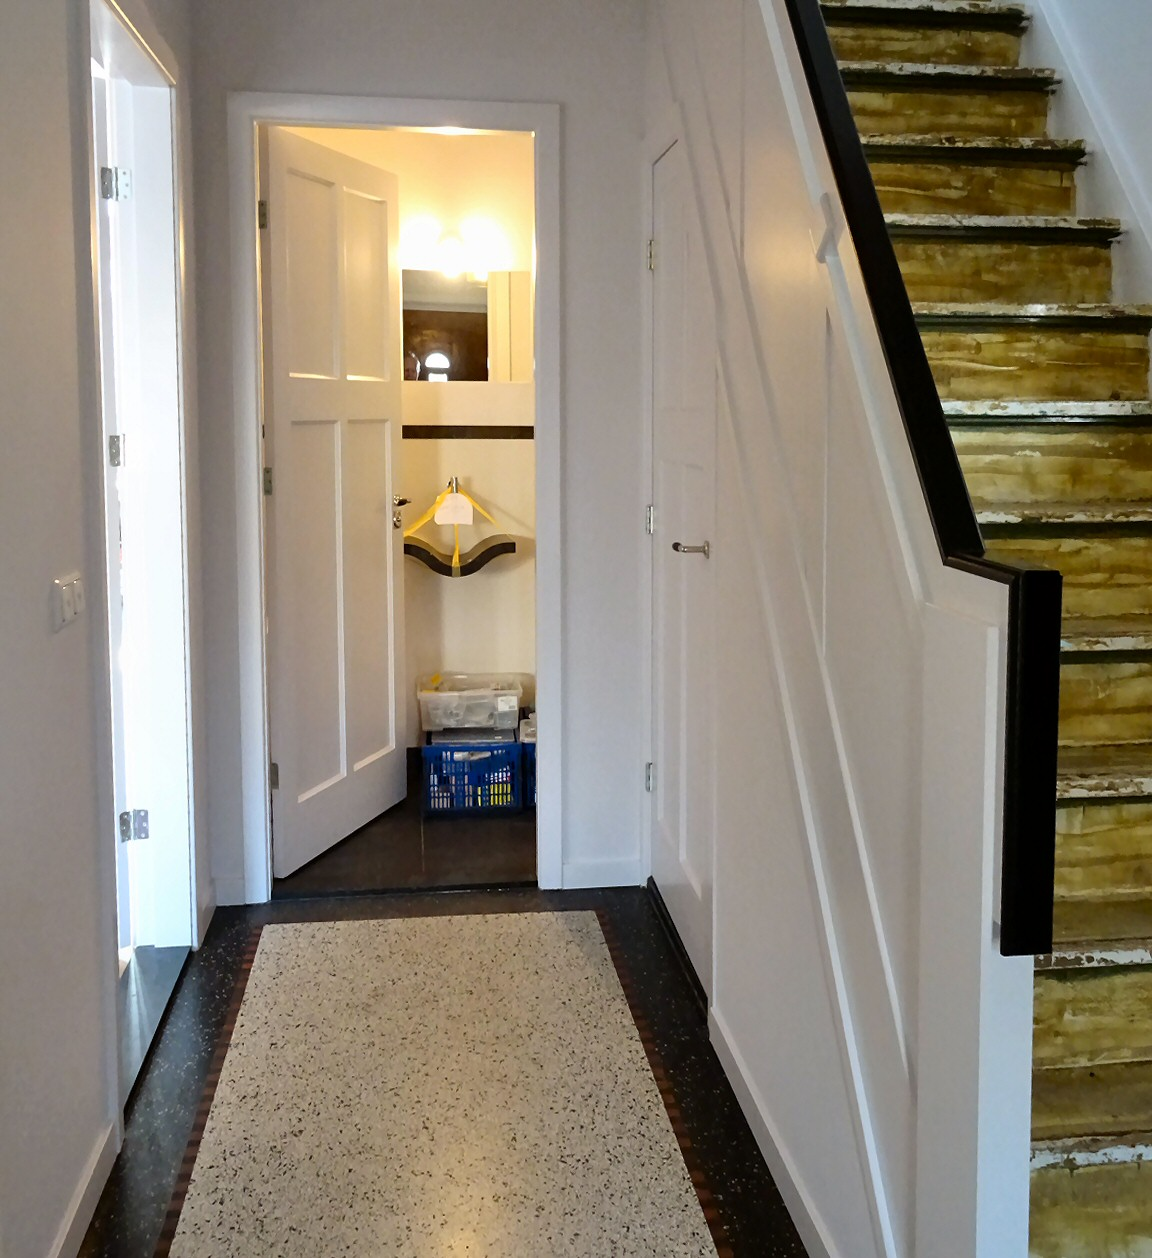 Idee n en design outstanding vloertegels jaren 30 stijl for Jaren 30 stijl interieur